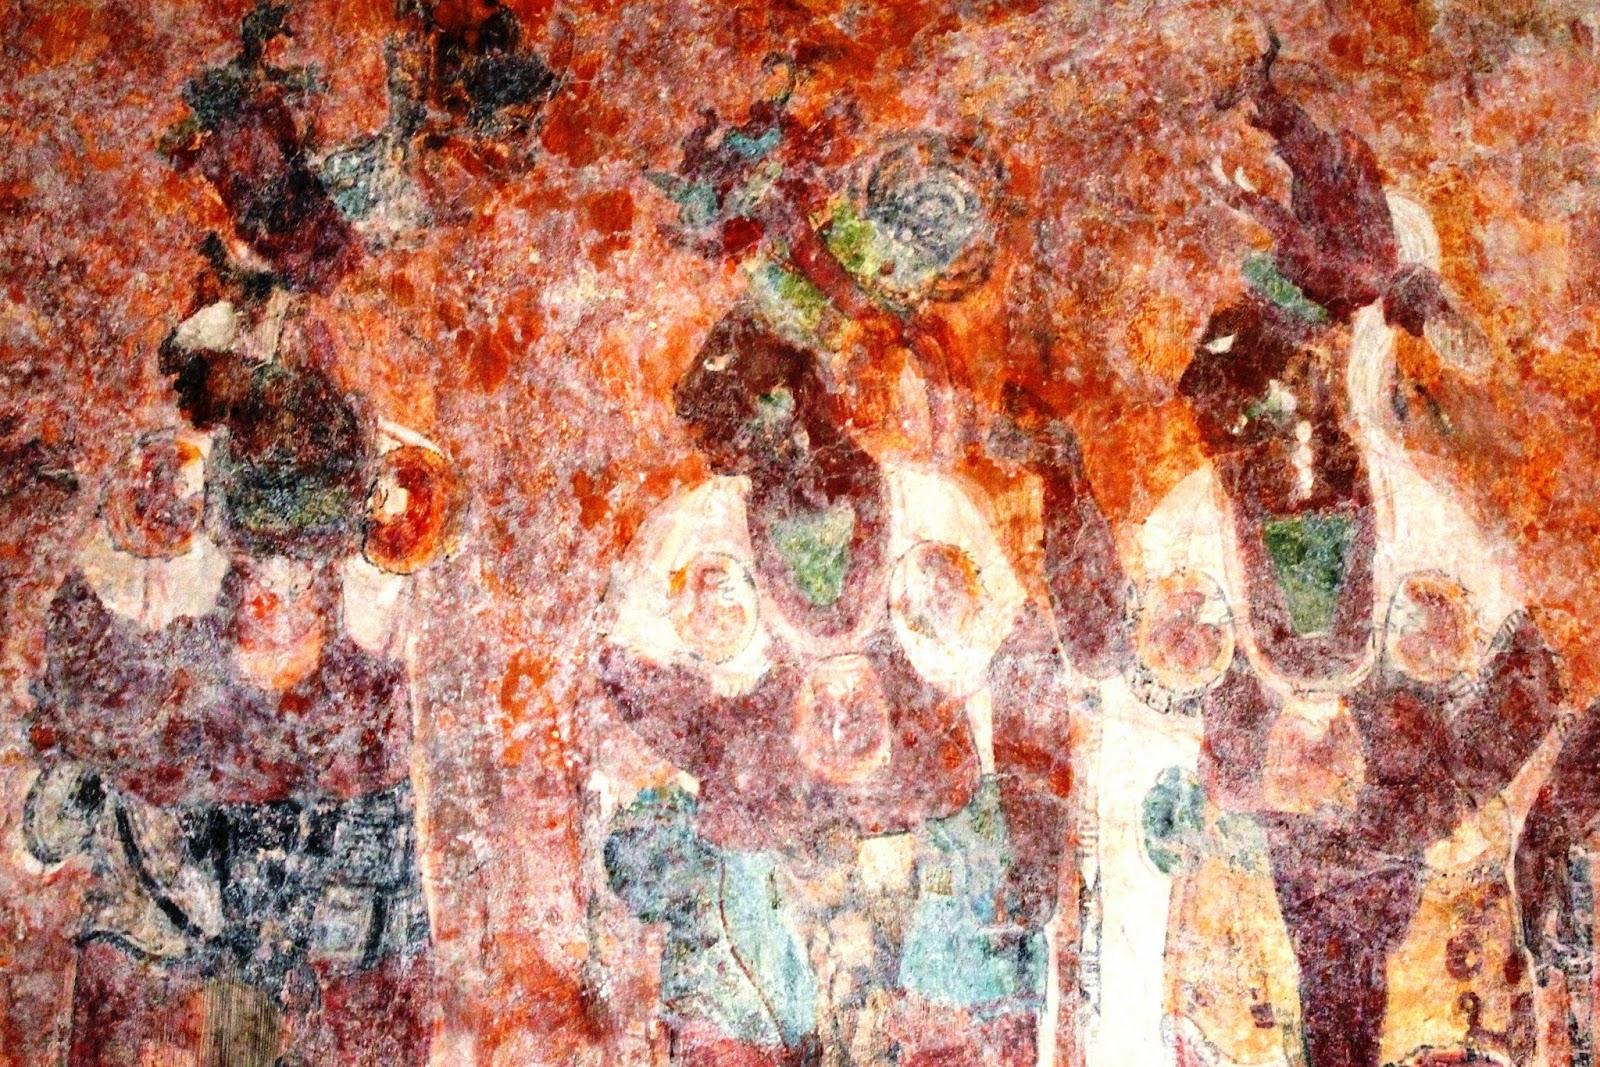 affreschi bonampak messico